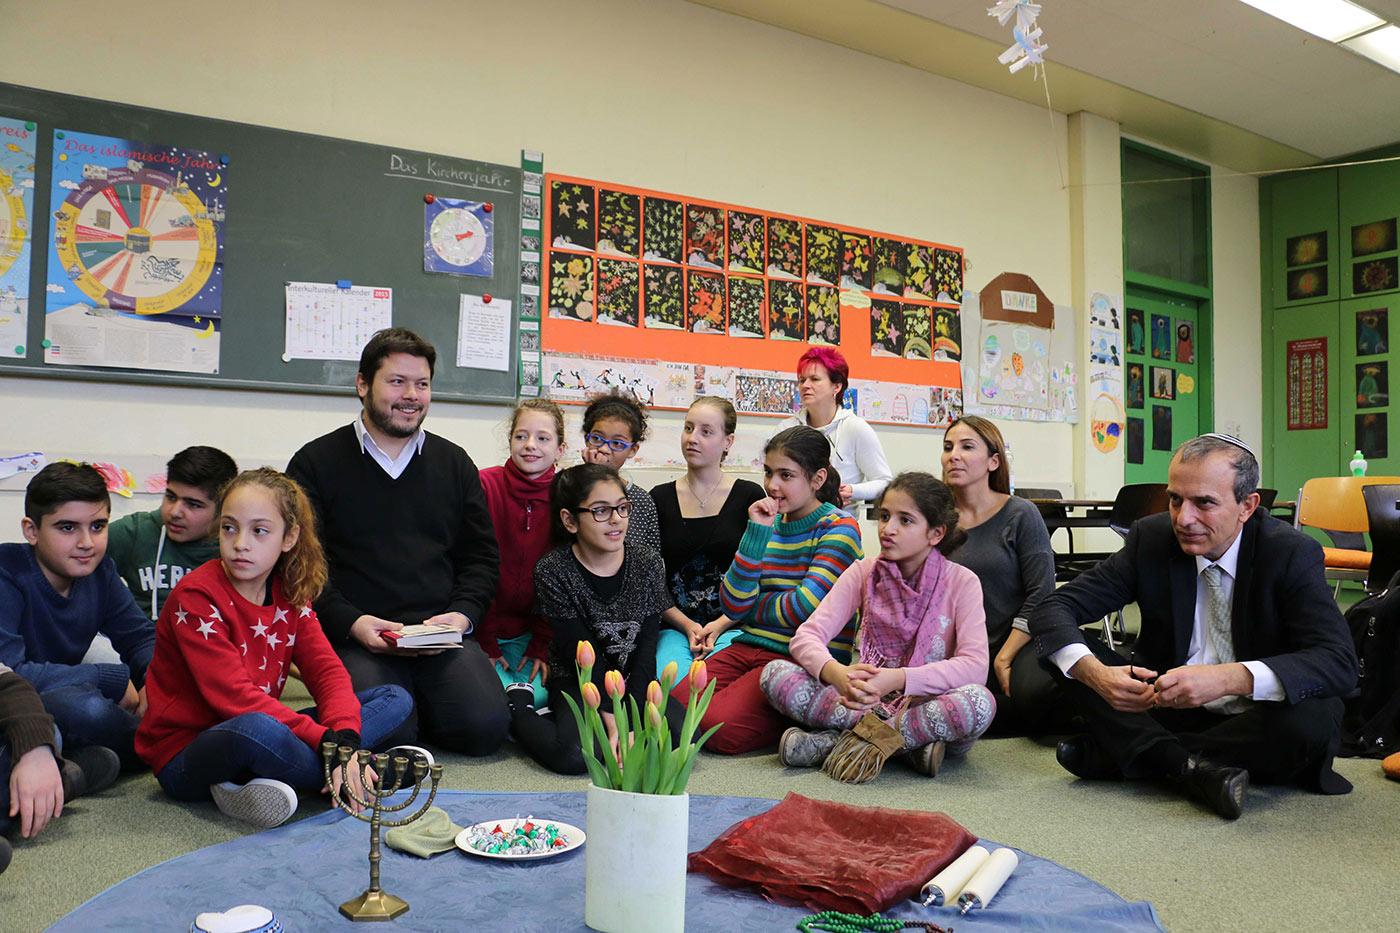 Mierendorff-Schule, 21. Januar 2015